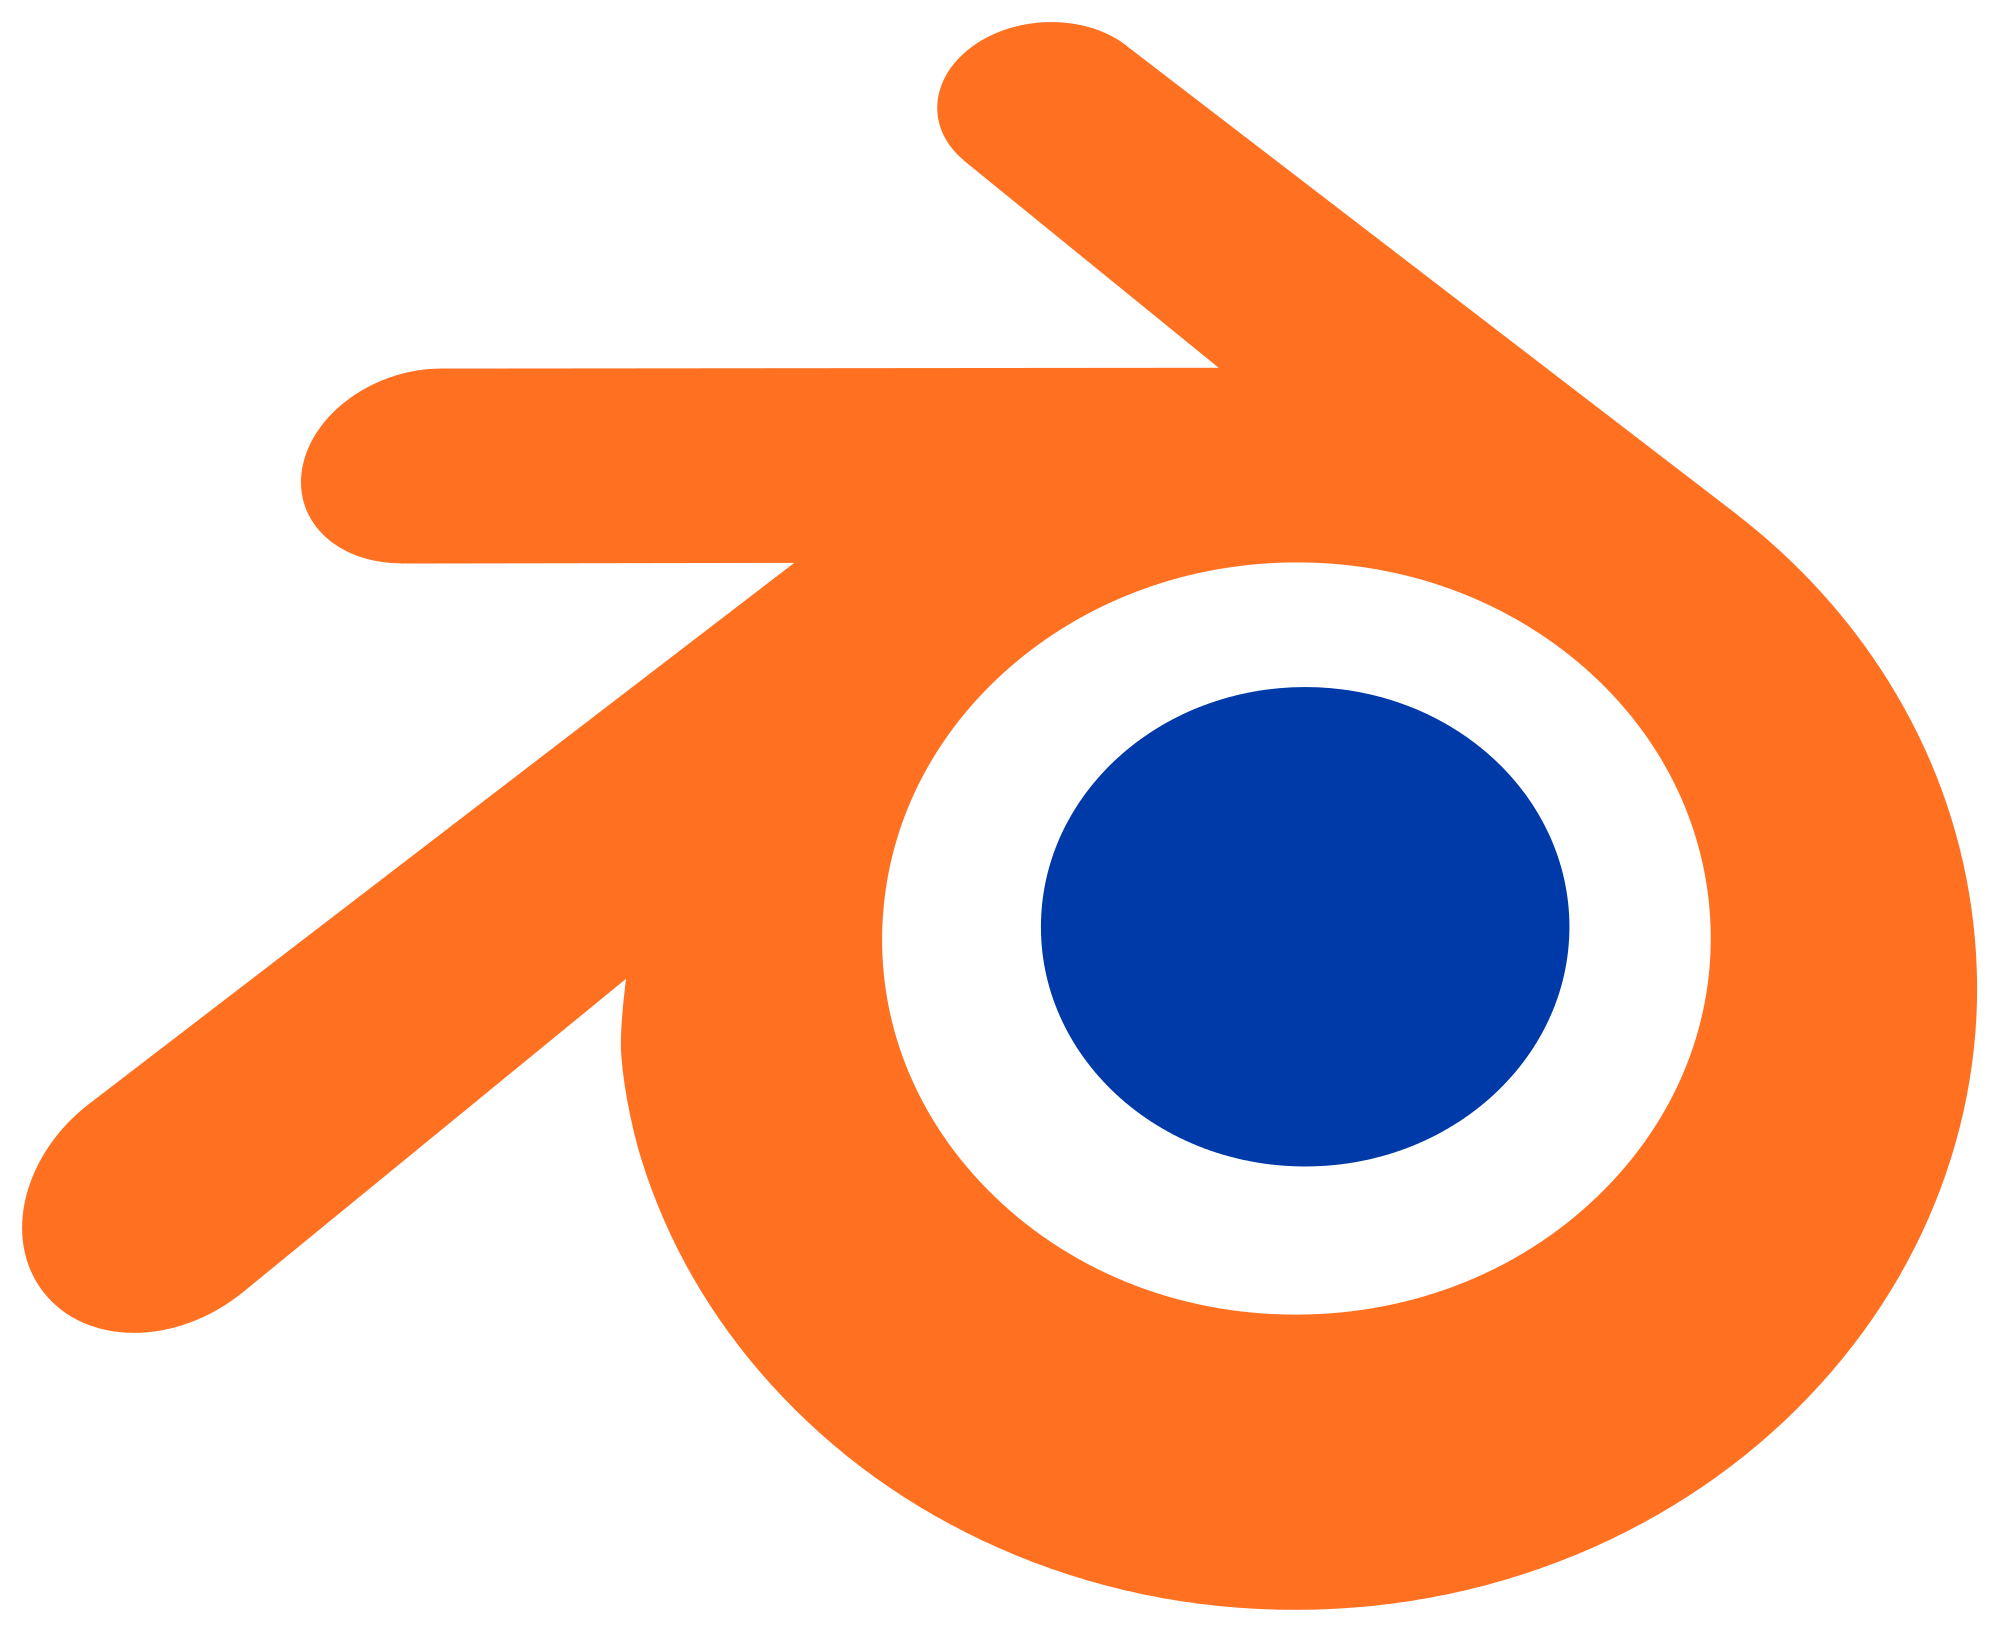 3d Logo Png Free Transparent Png Logos